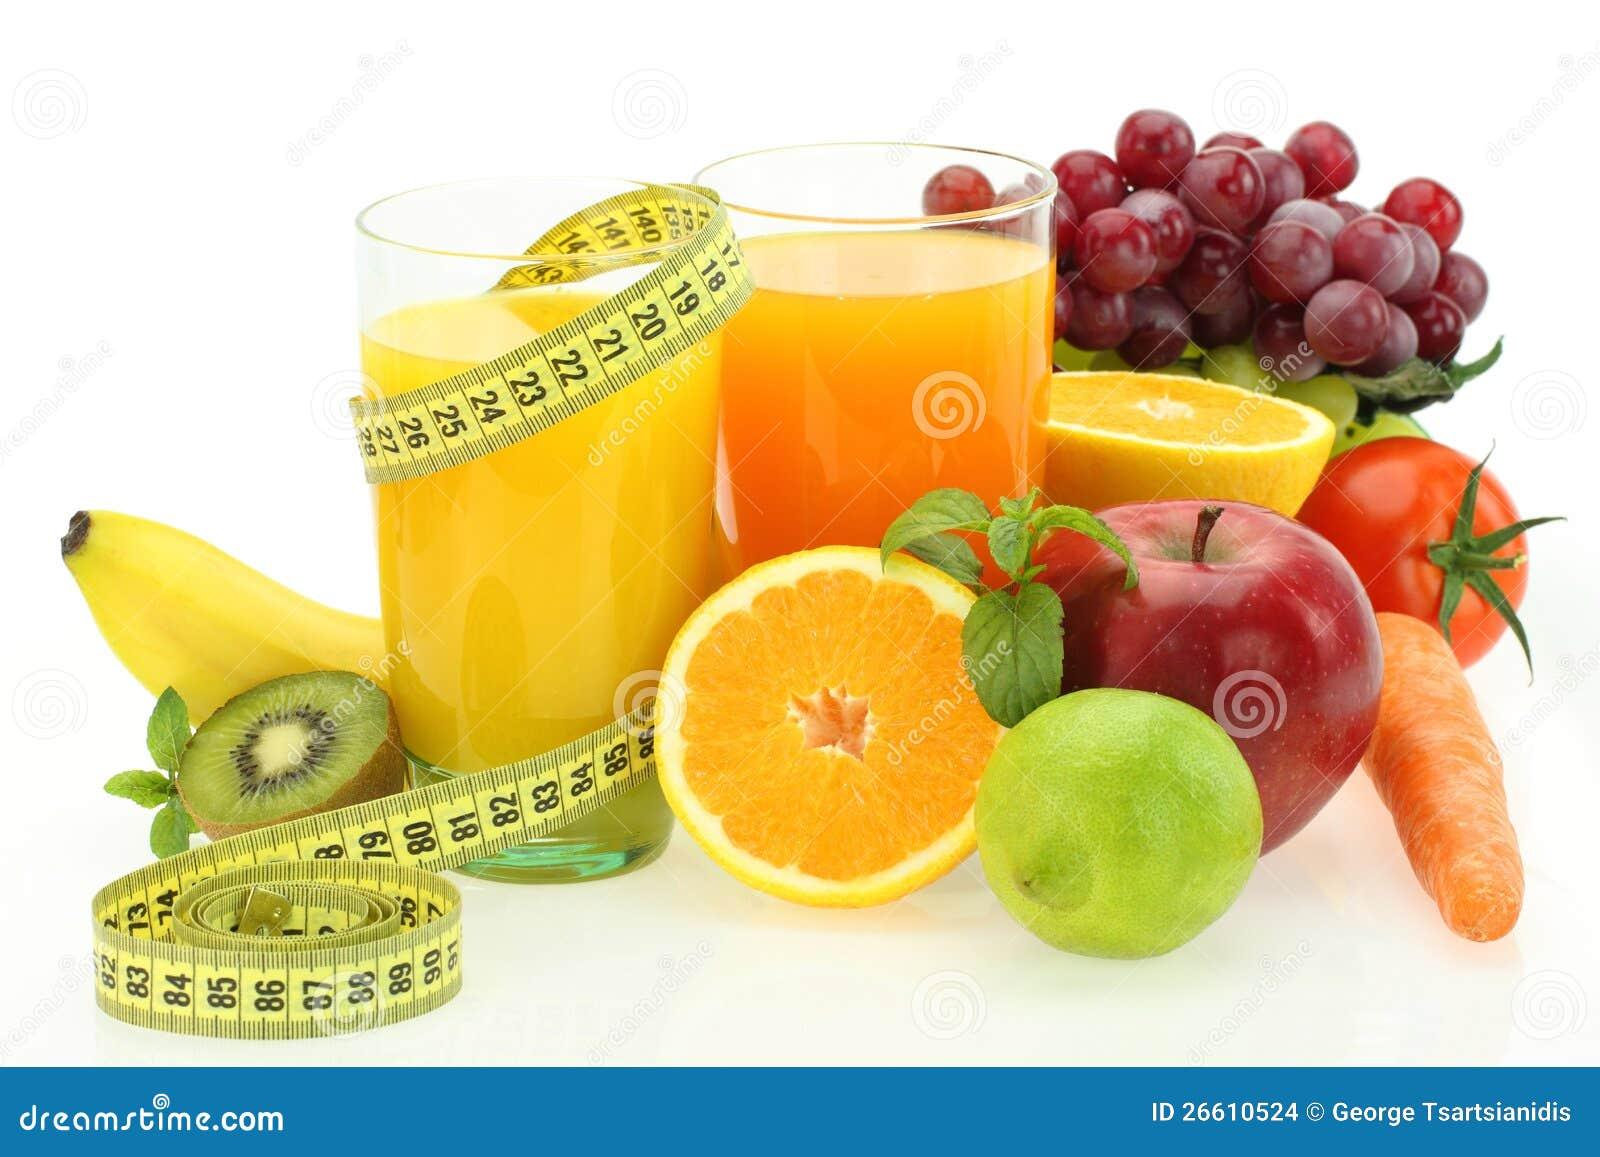 diet-nutrition-26610524.jpg